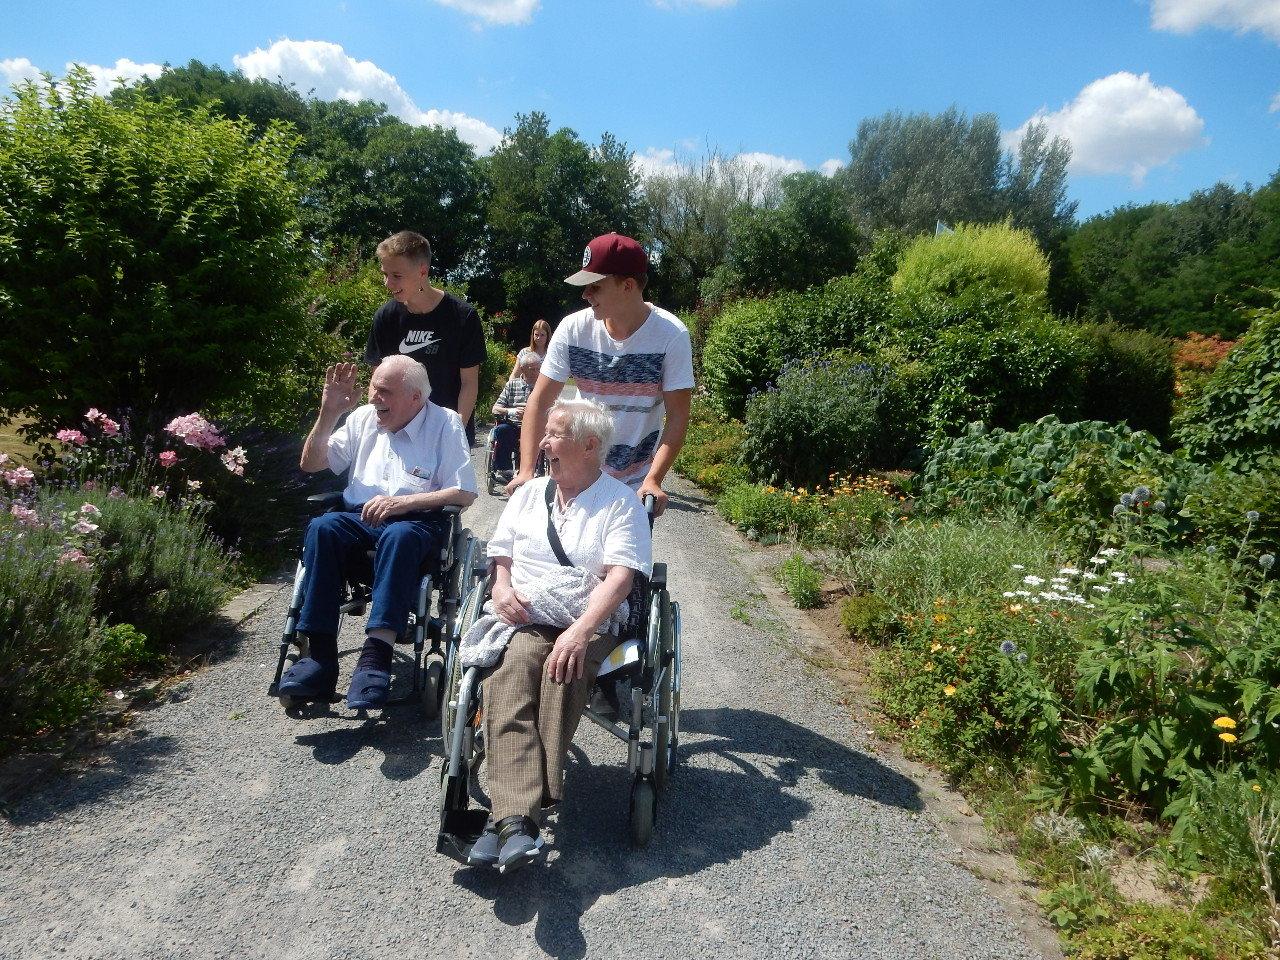 Zwei Senioren werden von zwei jungen Männern mit dem Rollstuhl durch eine blühende Landschaft geschoben.